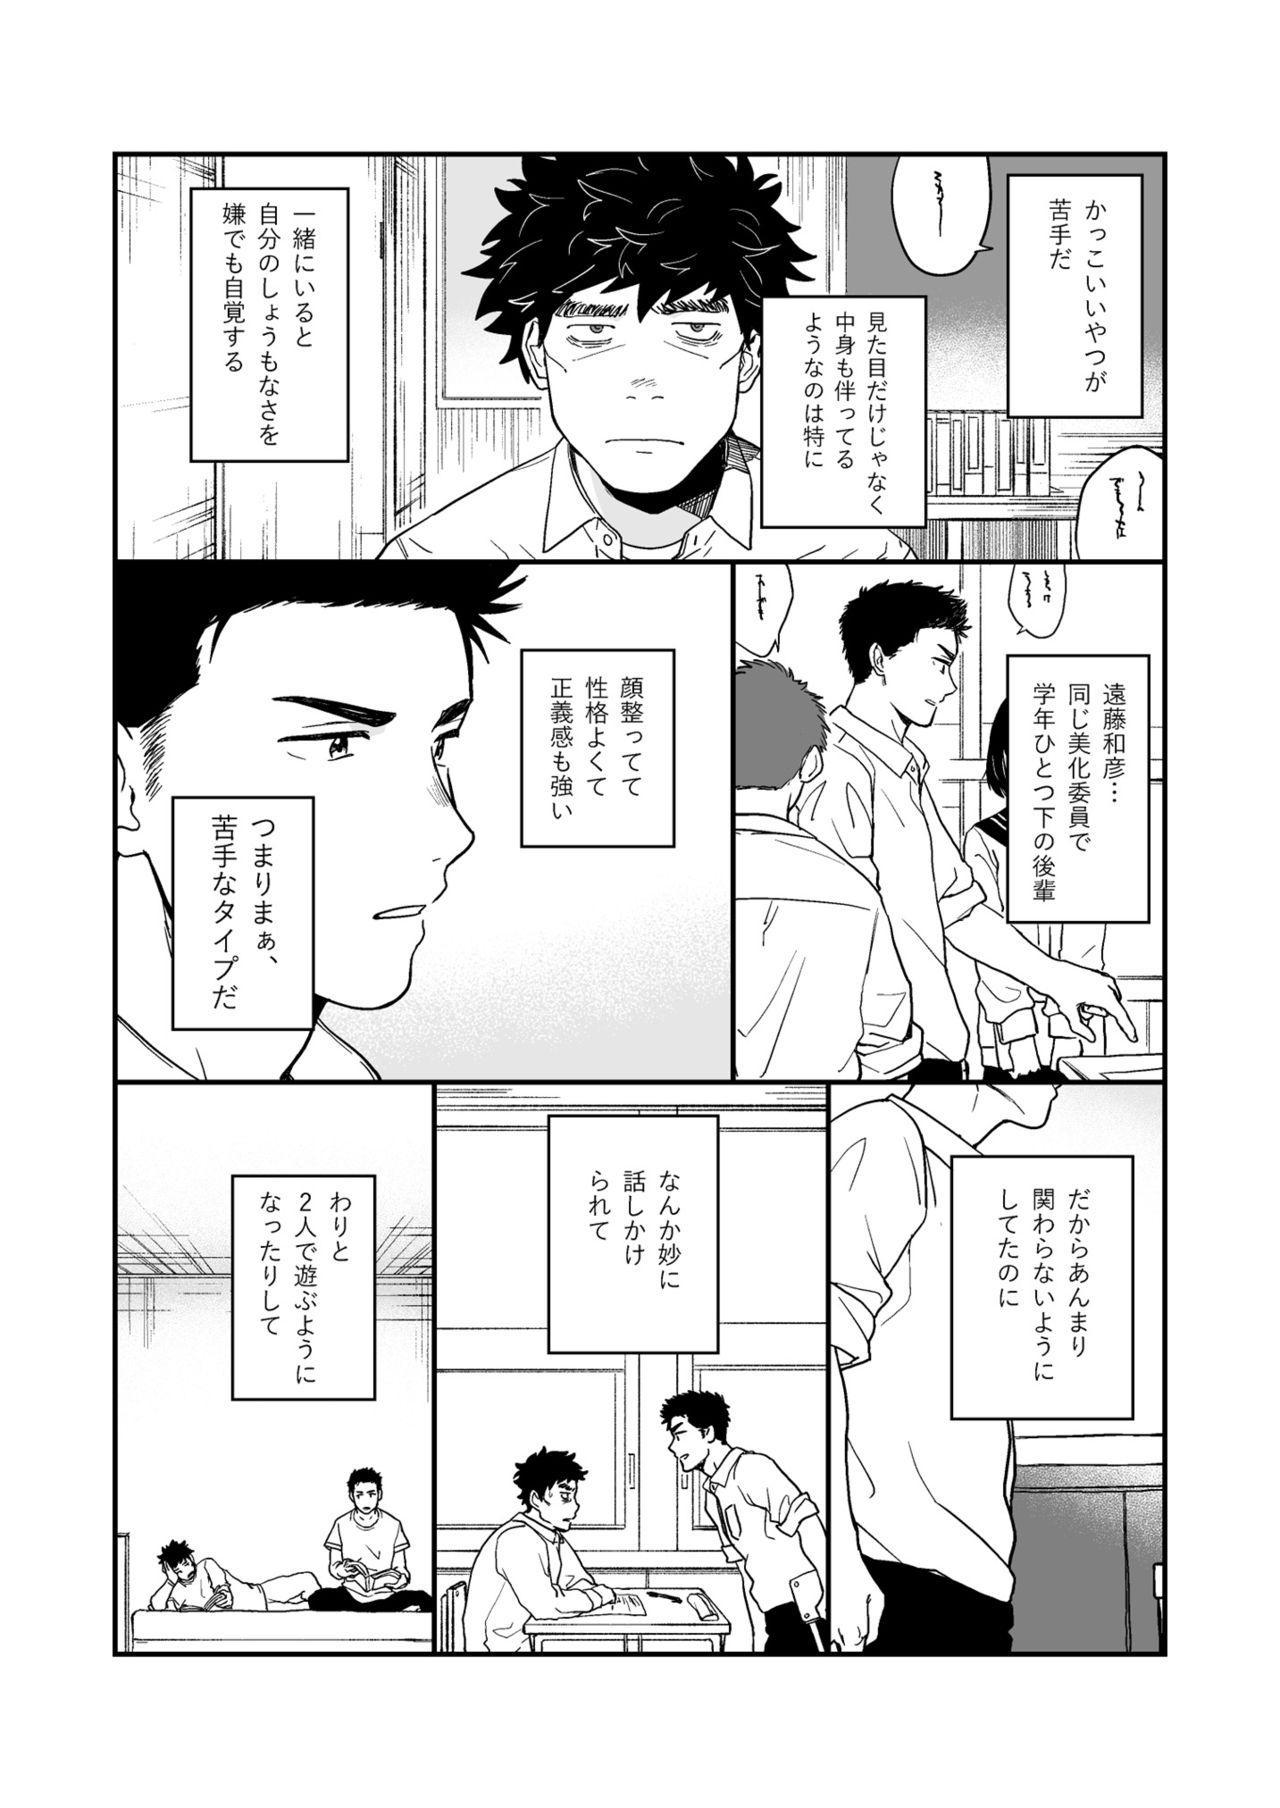 Endou to Senpai 1